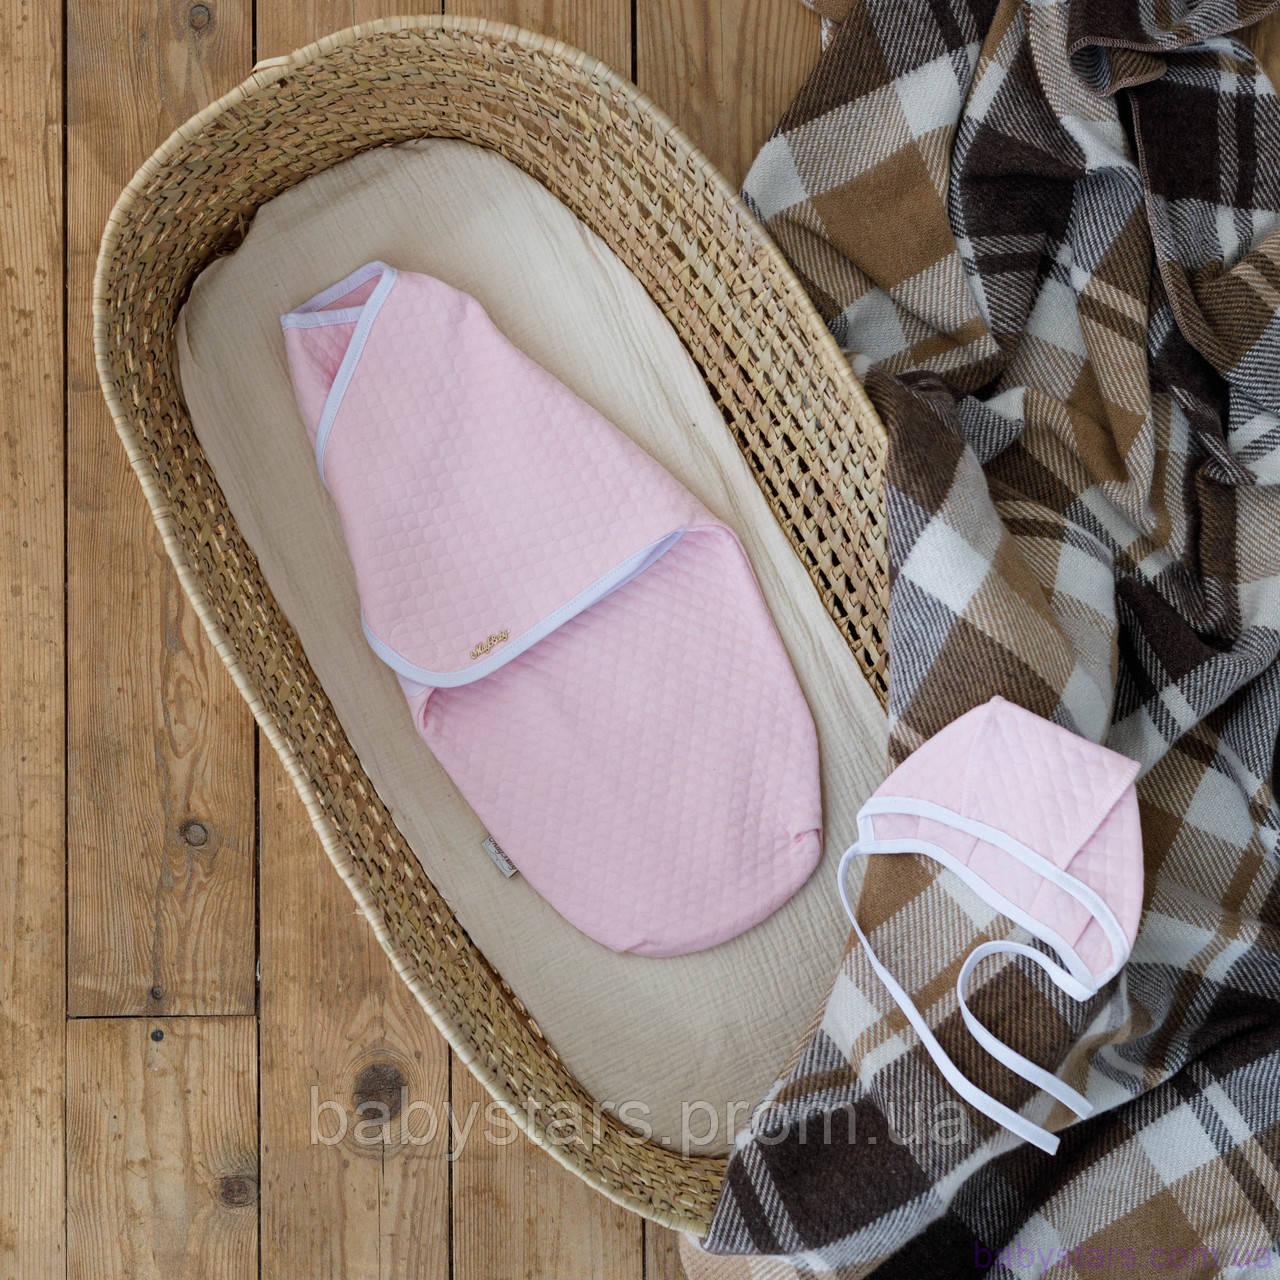 """Пеленки для новорожденных на липучках """"Капитоне"""" с шапочкой, нежно розовая, для деток 0-3 мес."""